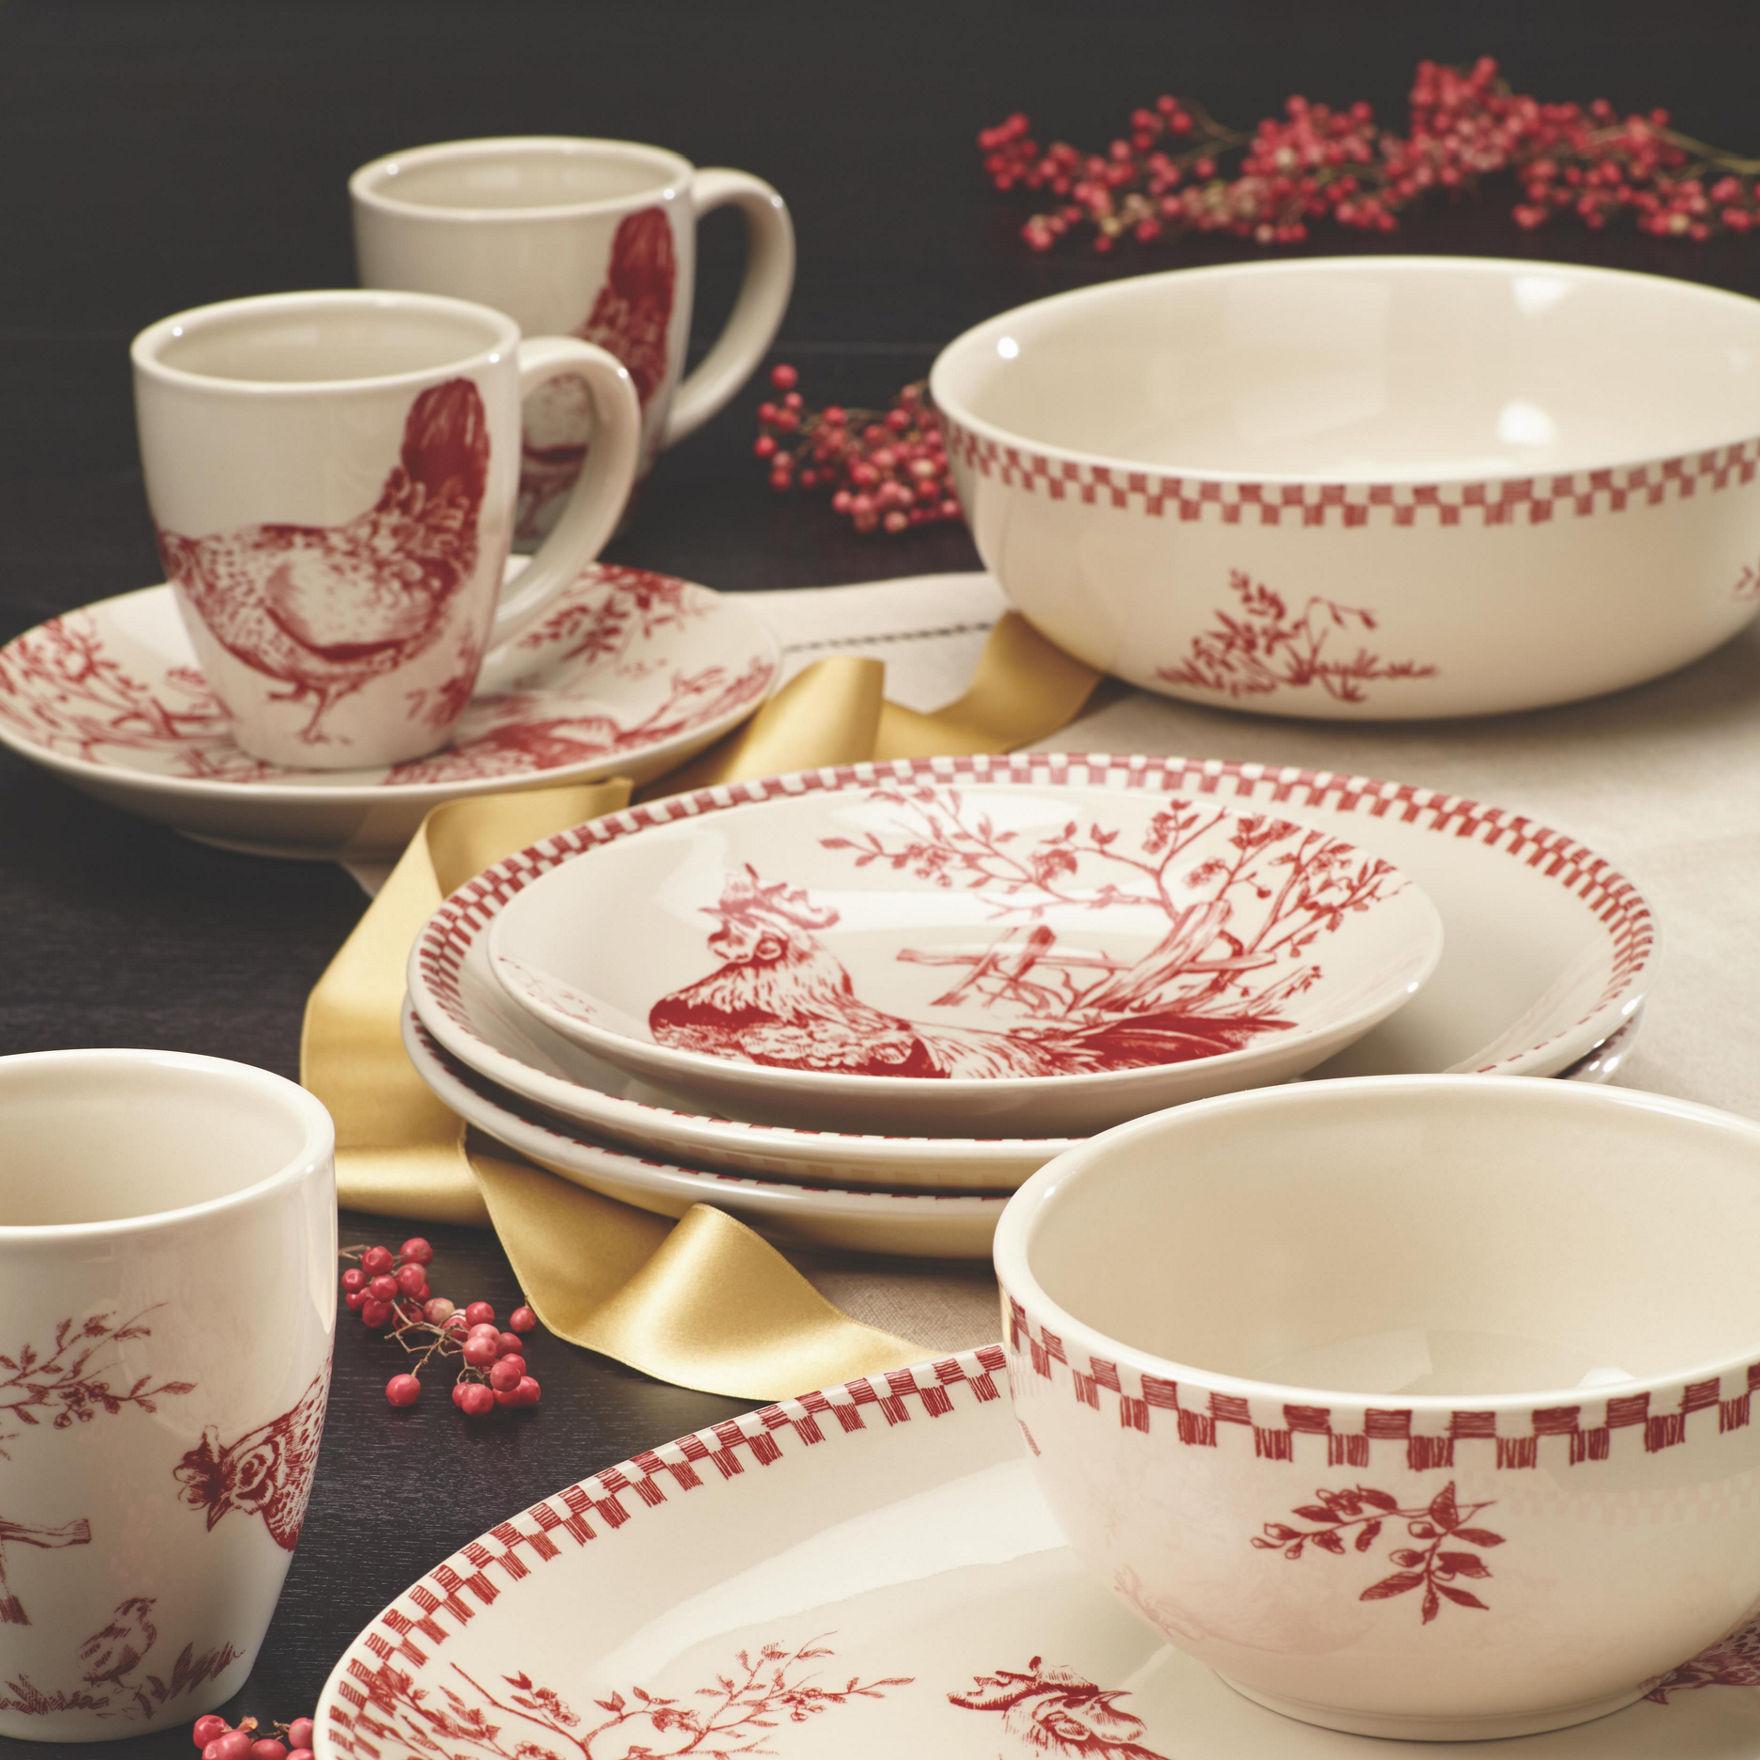 Farberware Red Bowls Dinnerware